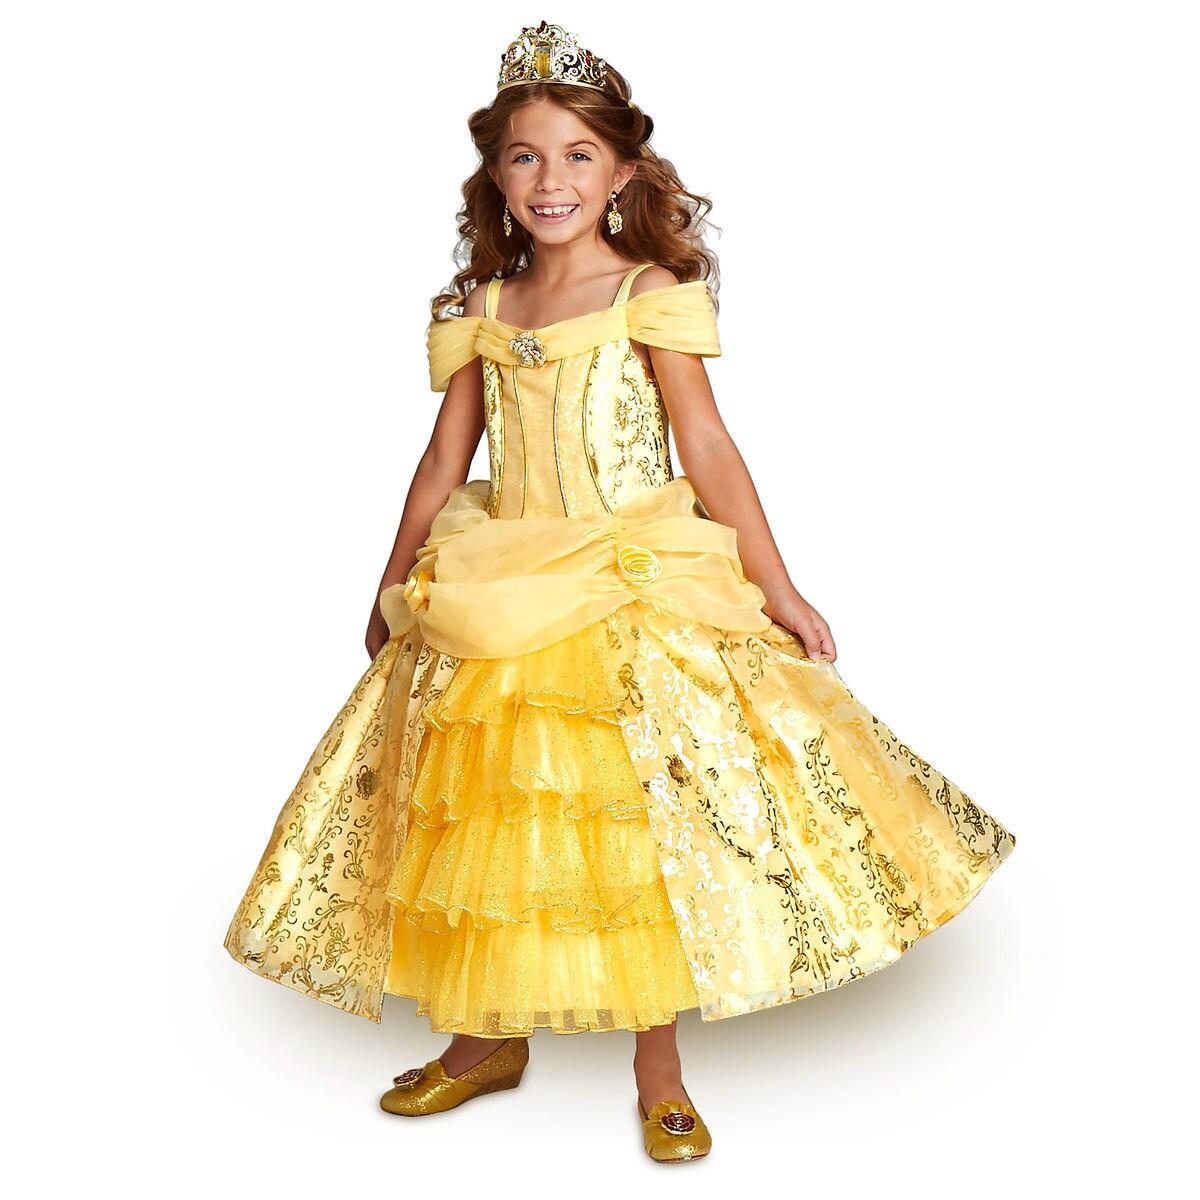 belle designer costume collection for kids shopdisney